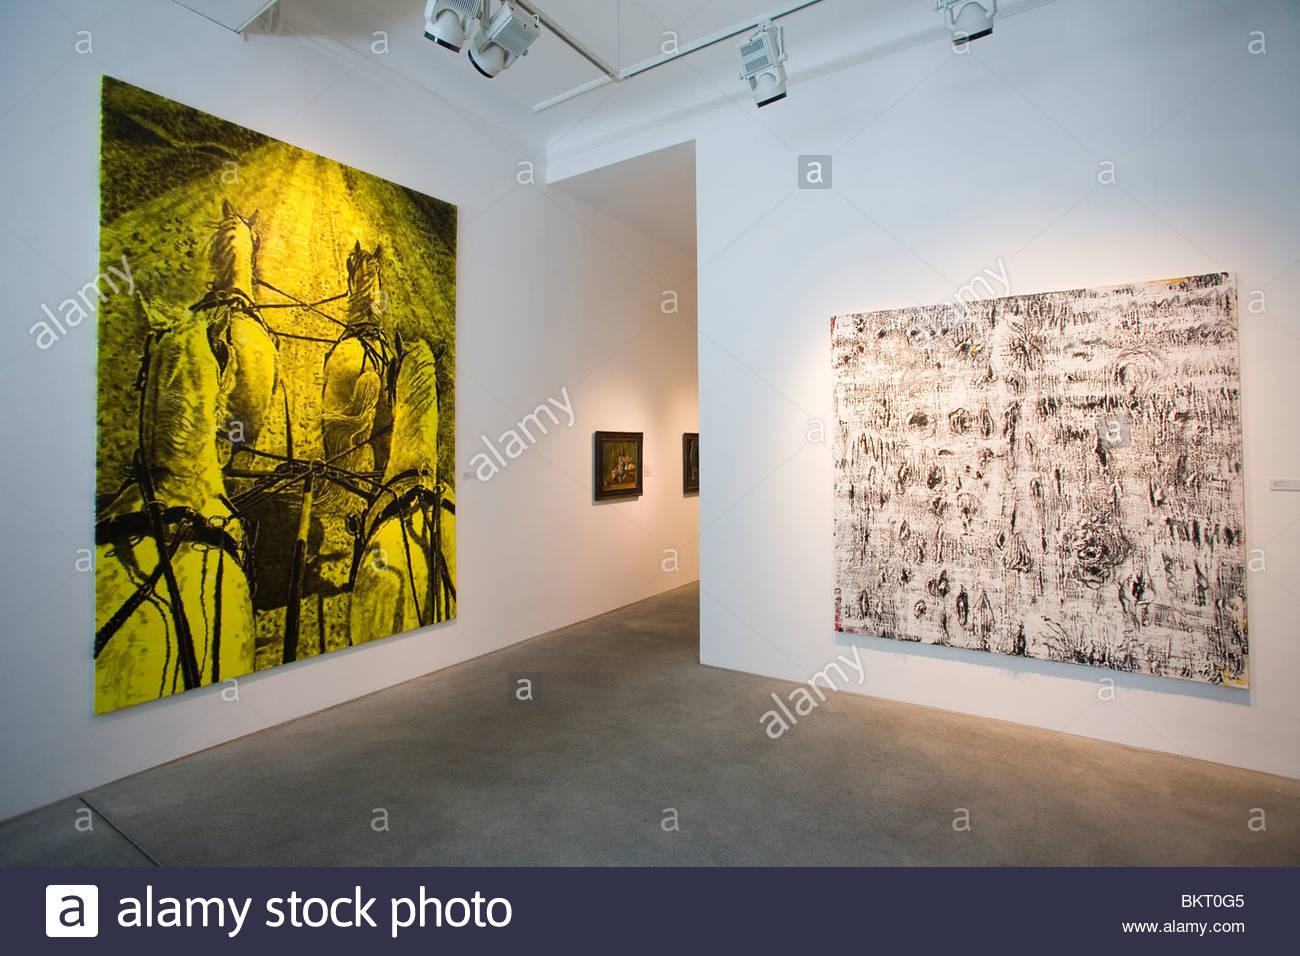 Bruno Bischofberger Art Gallery,Zurich,Switzerland - Stock Image